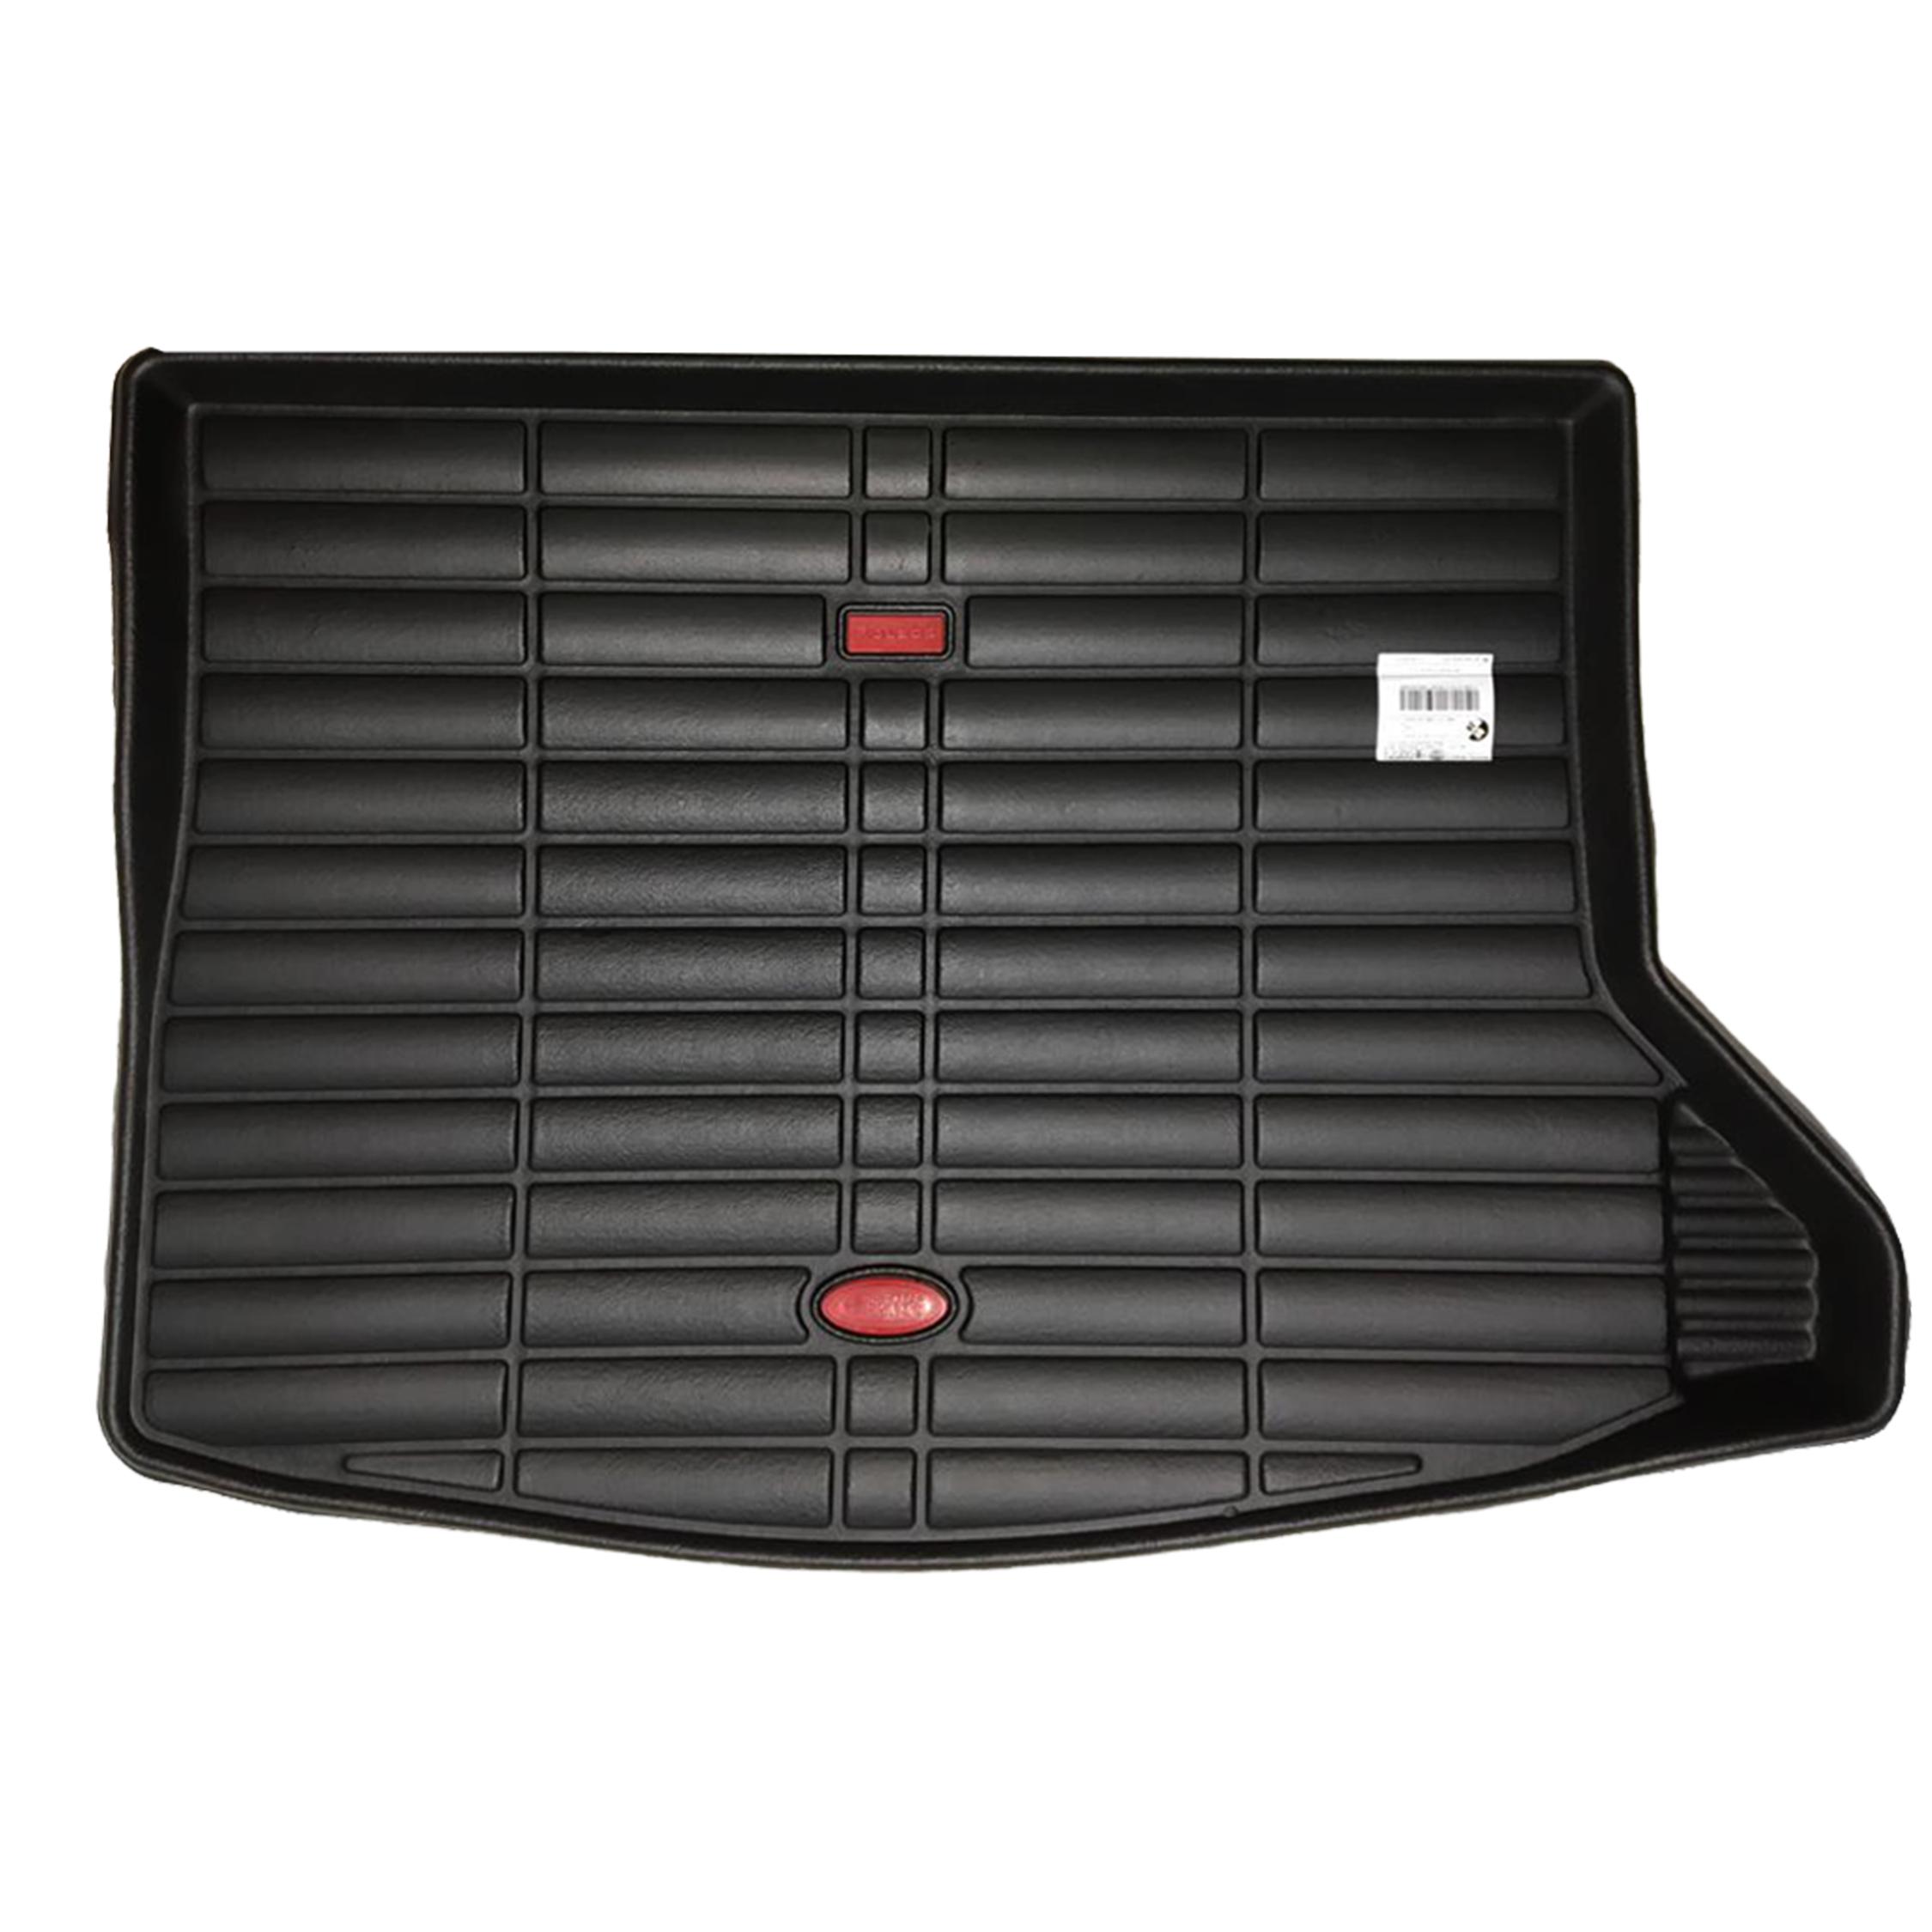 کفپوش سه بعدی صندوق خودرو بابل مدل ch6565 مناسب برای رنو کولیوس